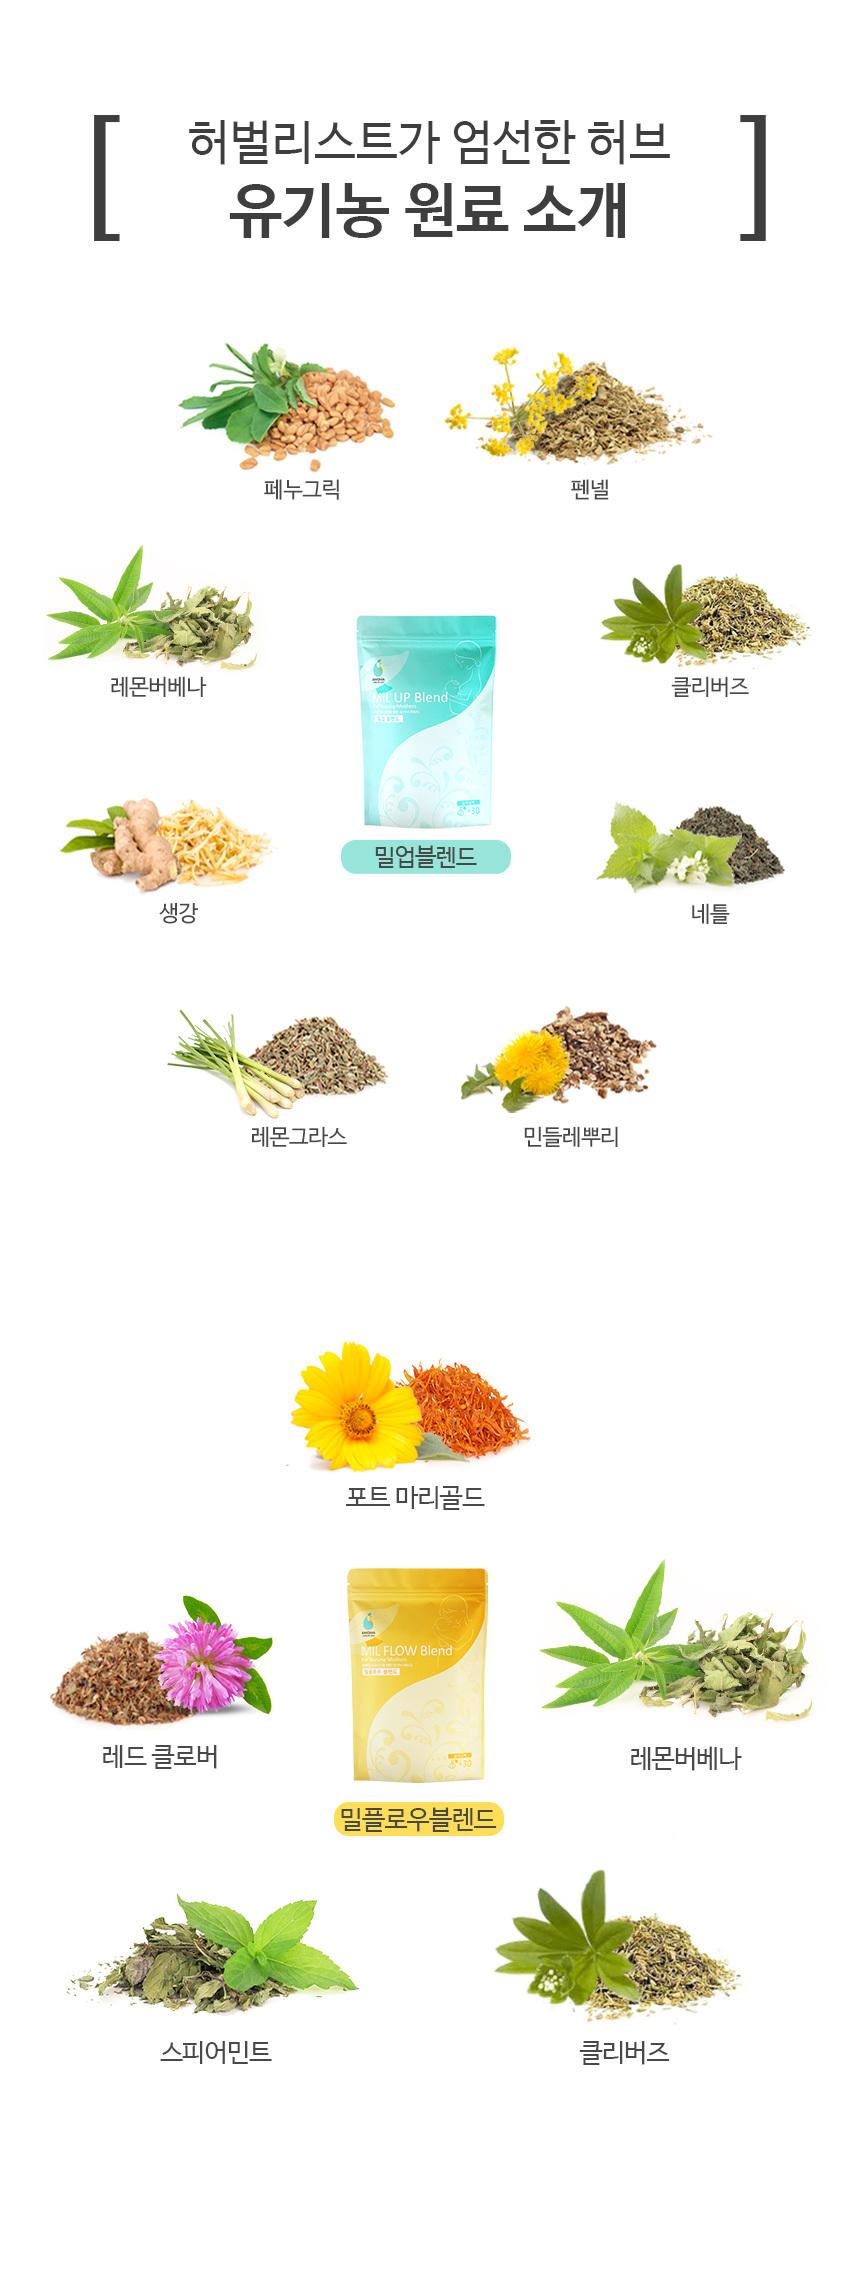 밀업밀플로우 유기농원료